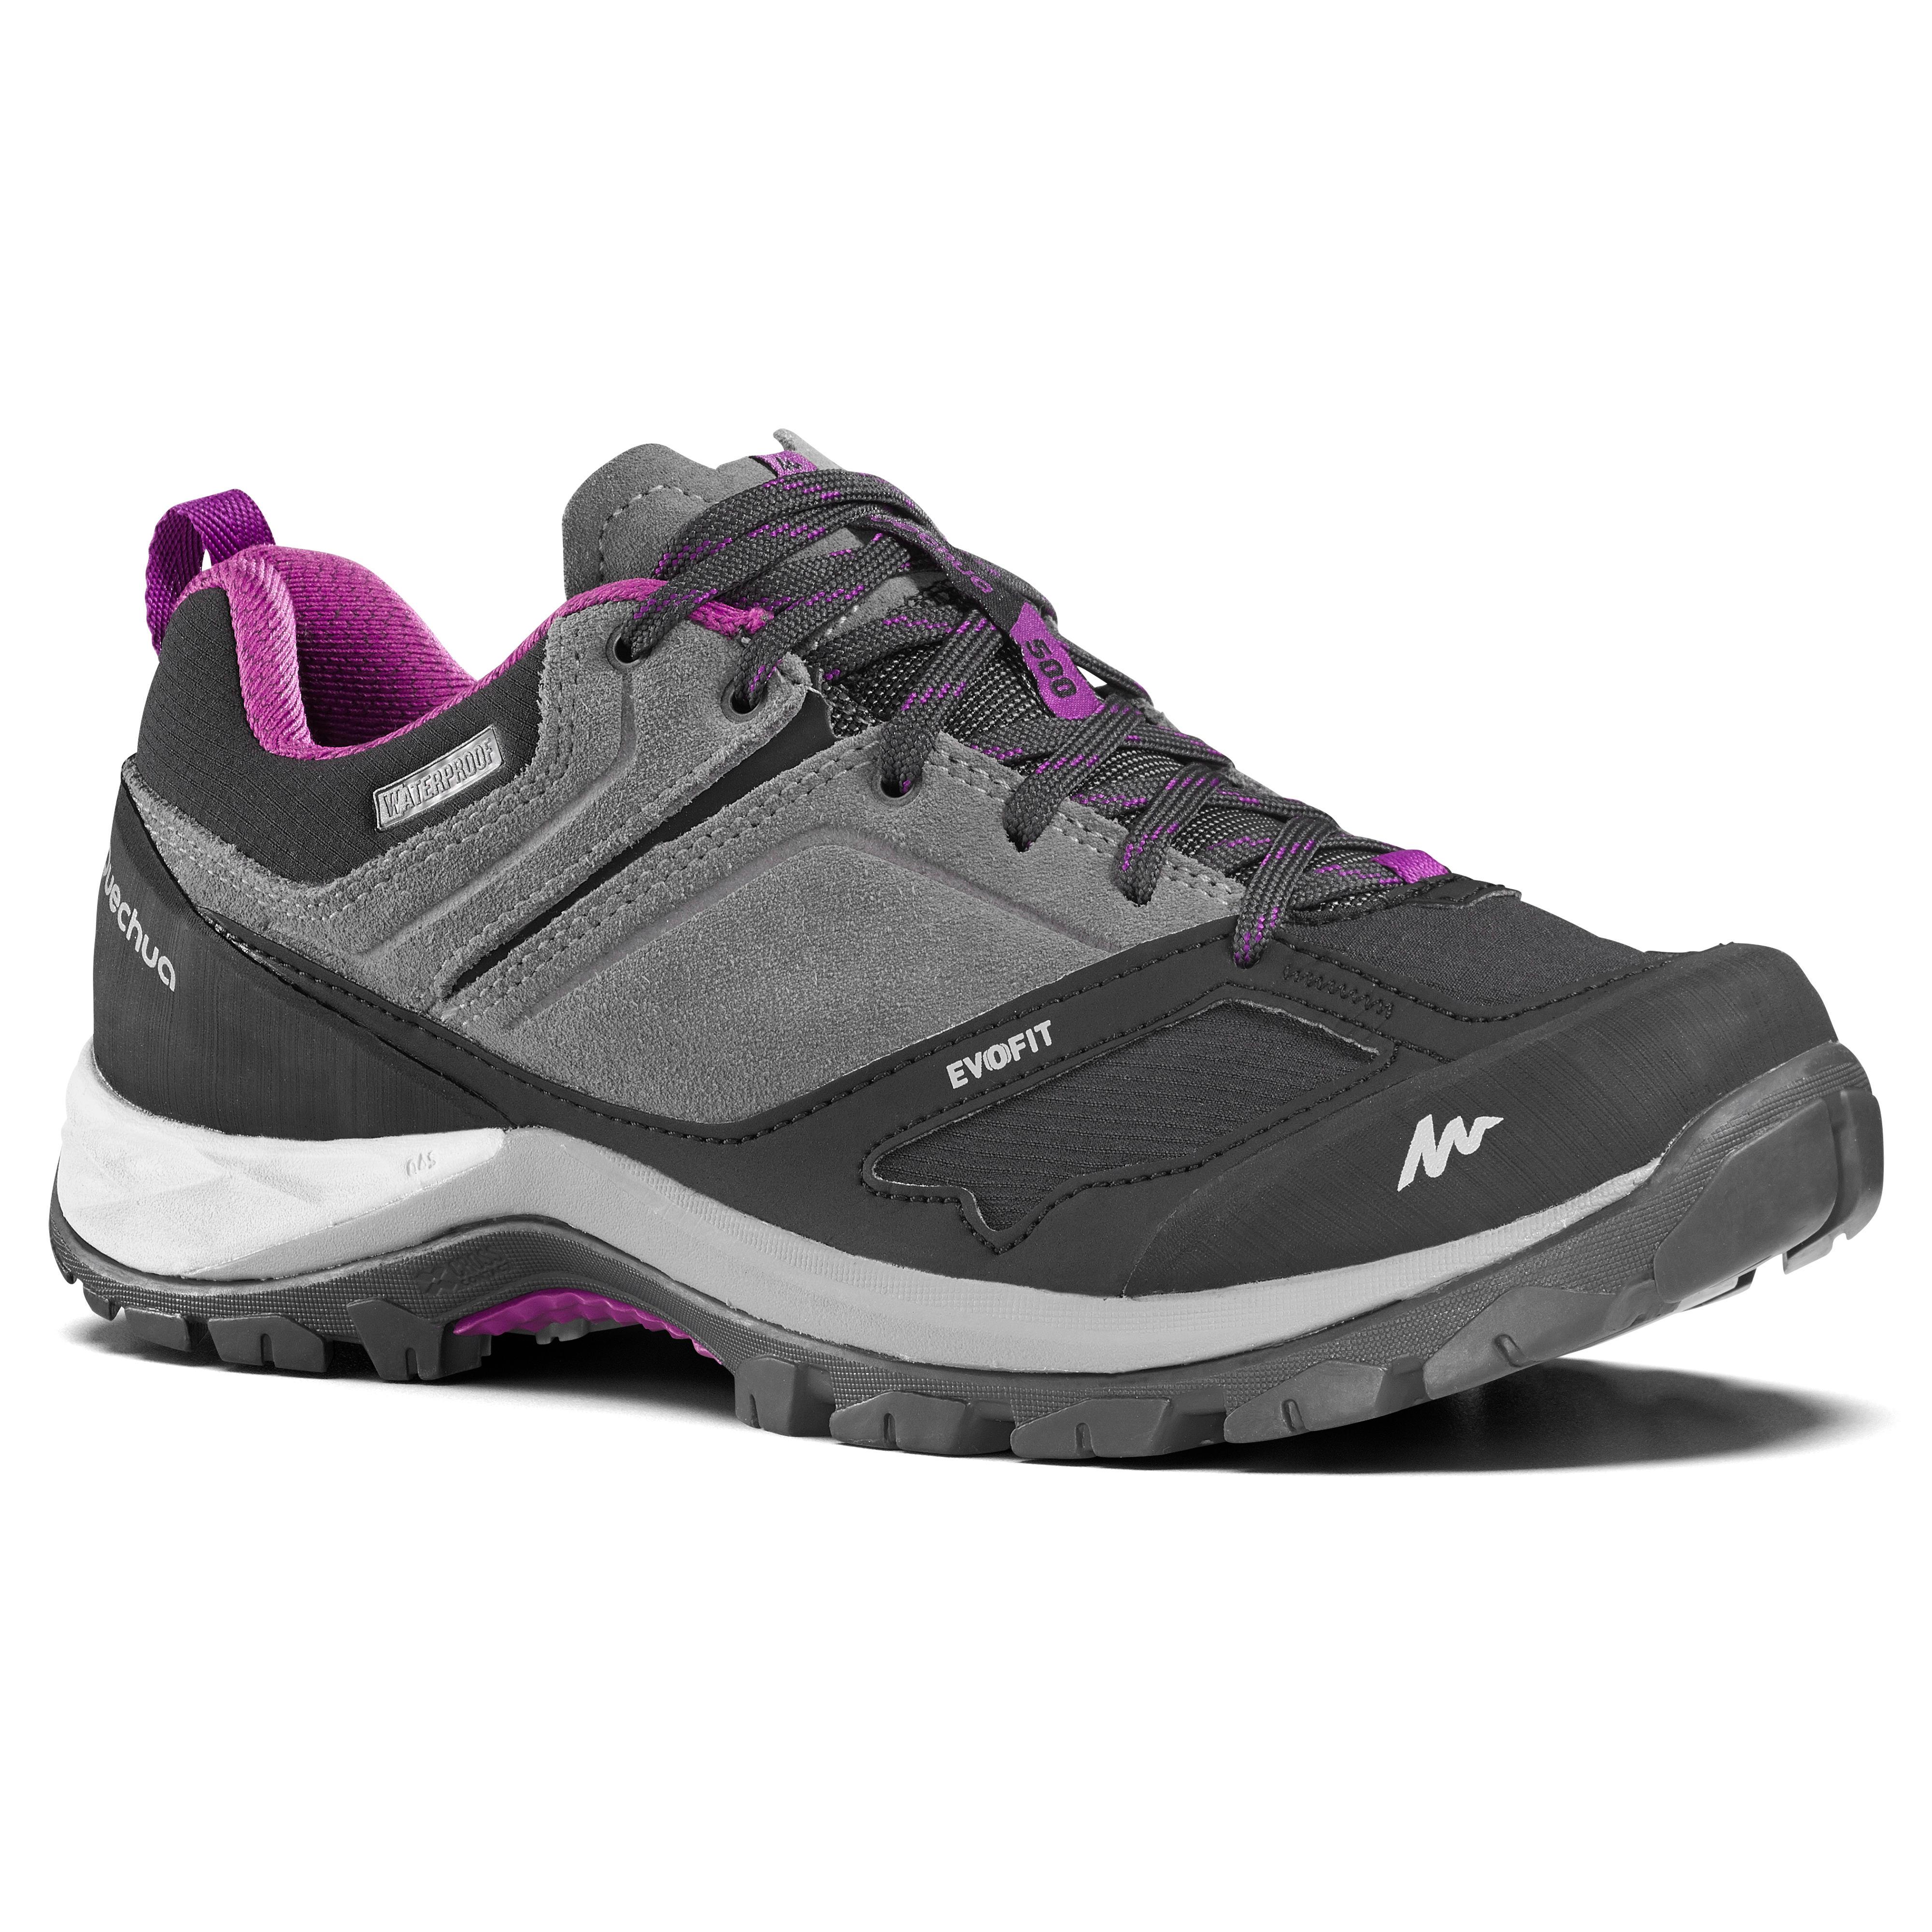 Chaussures de randonnée montagne femme MH500 imperméables Gris Violet - Quechua